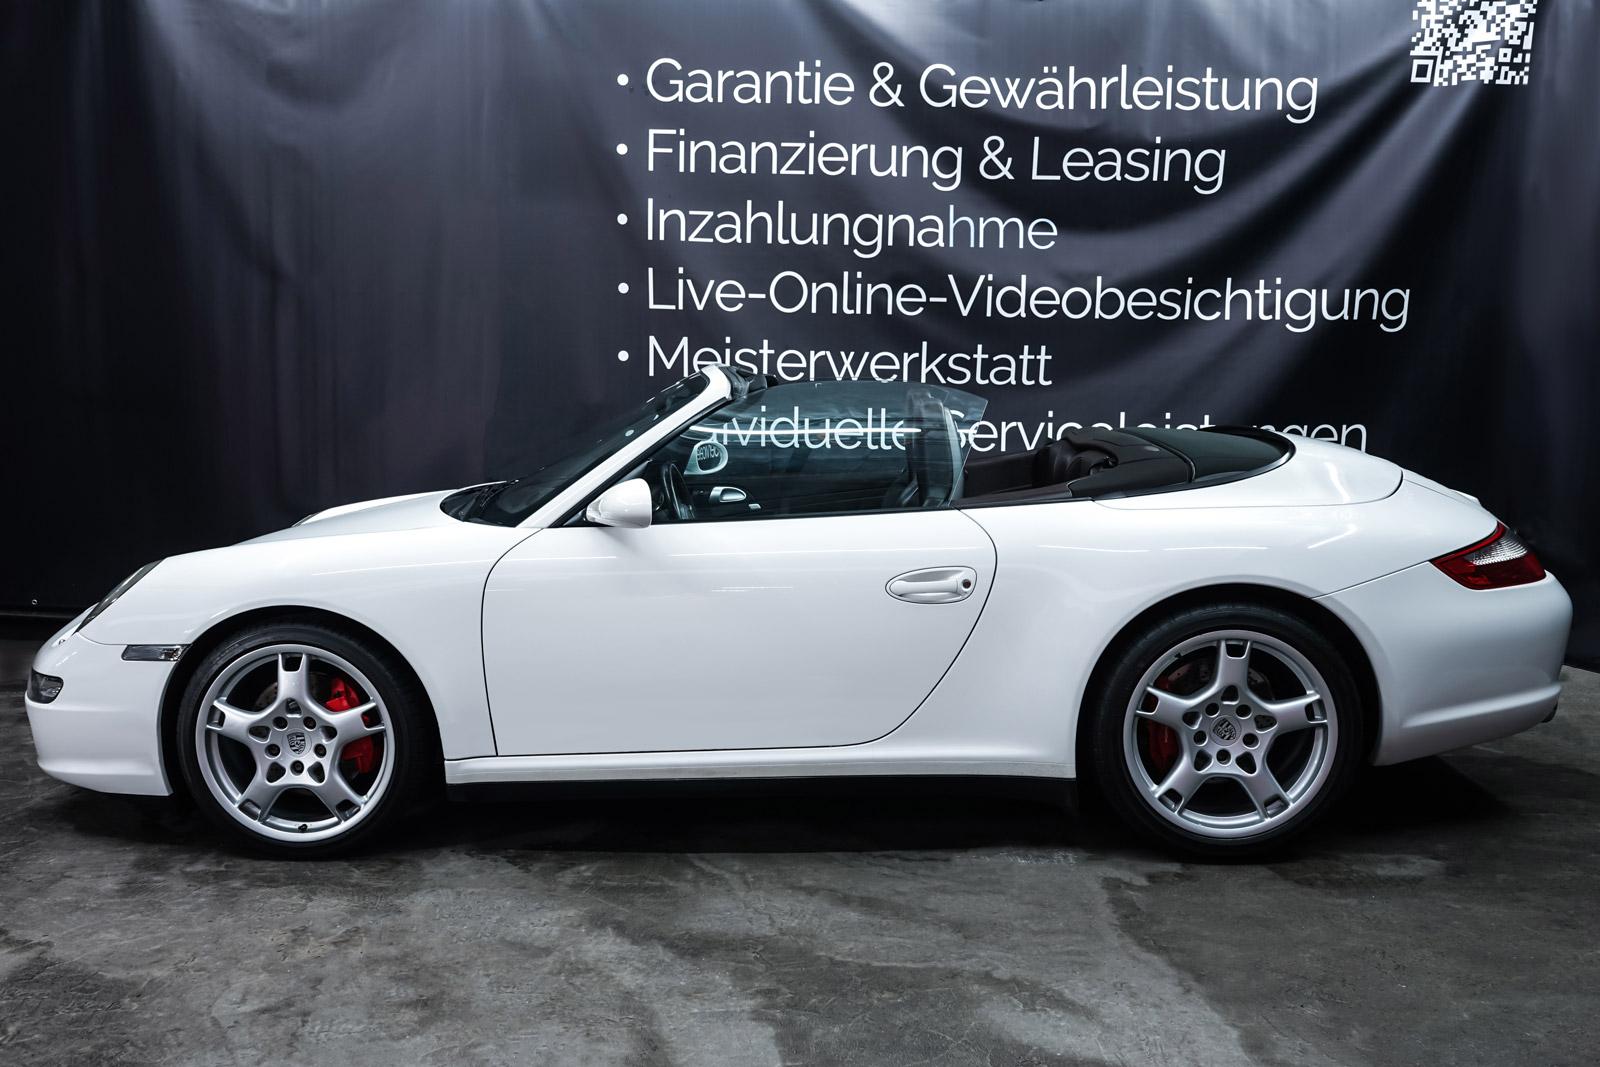 Porsche_997_C4S_Cabrio_Weiß_Braun_POR-4557_6_w